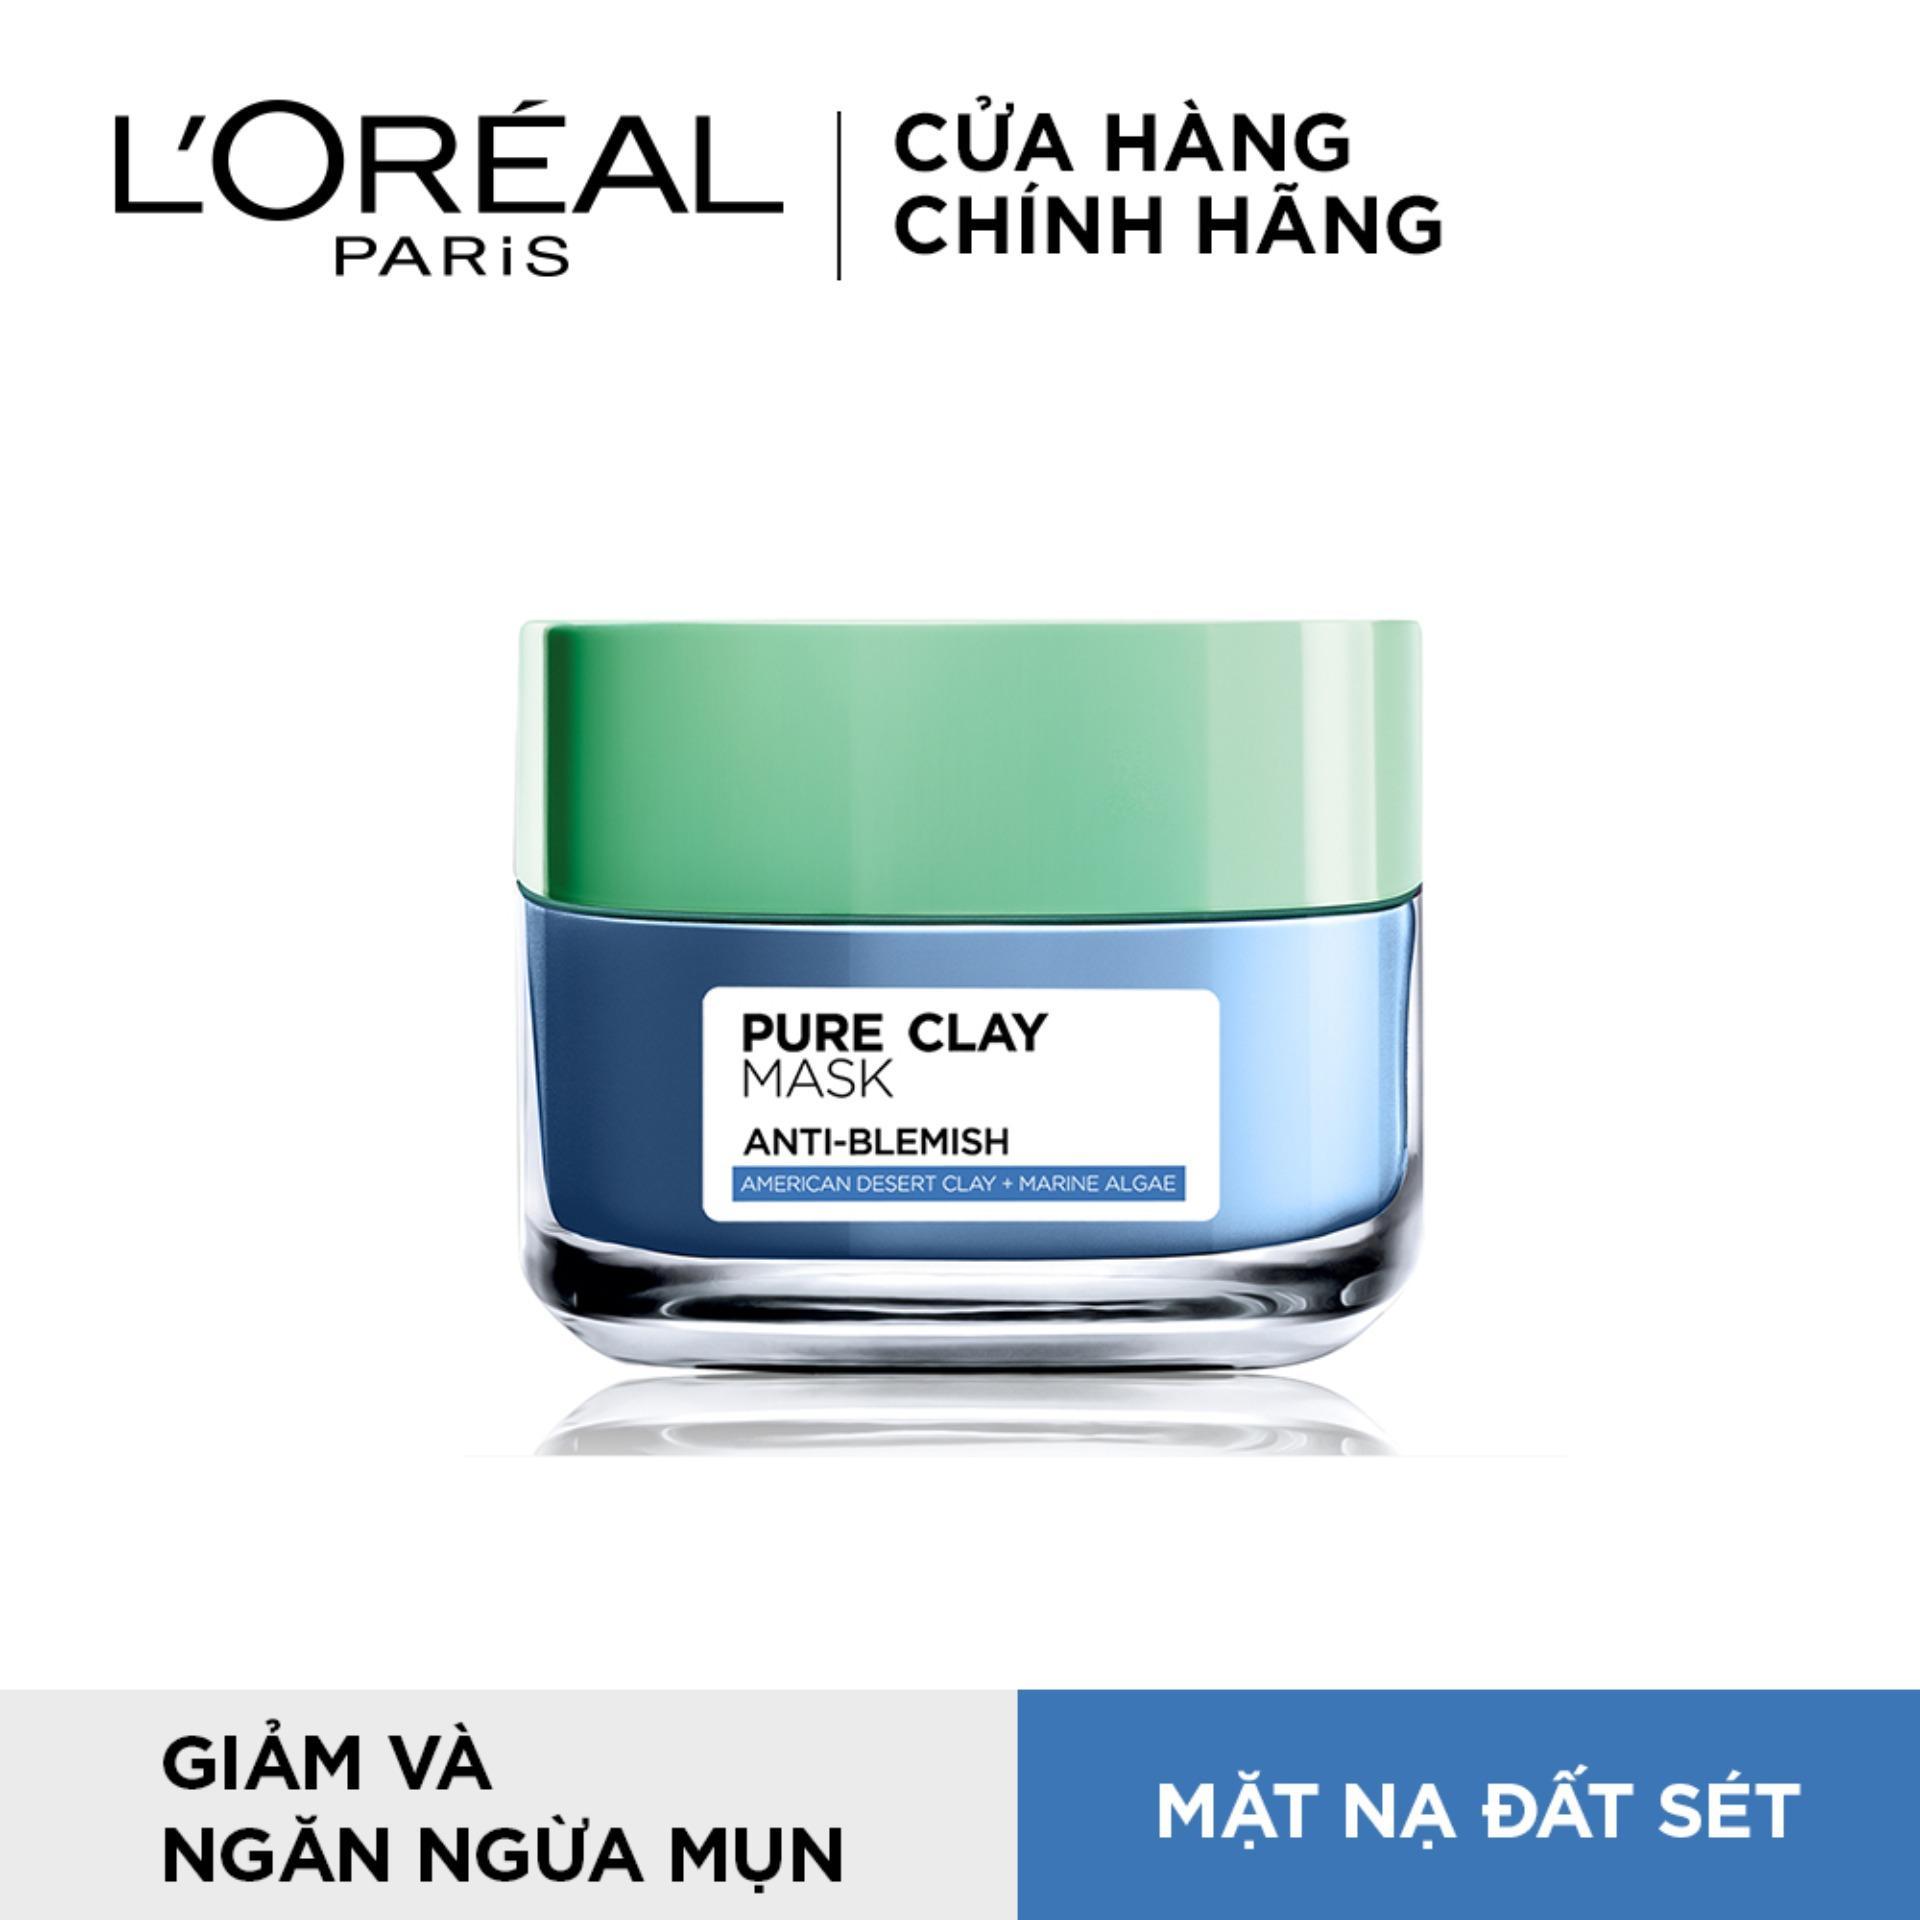 Mặt nạ đất sét ngăn ngừa và giảm mụn LOreal Paris Pure Clay Mask Anti-Blemish 50g nhập khẩu